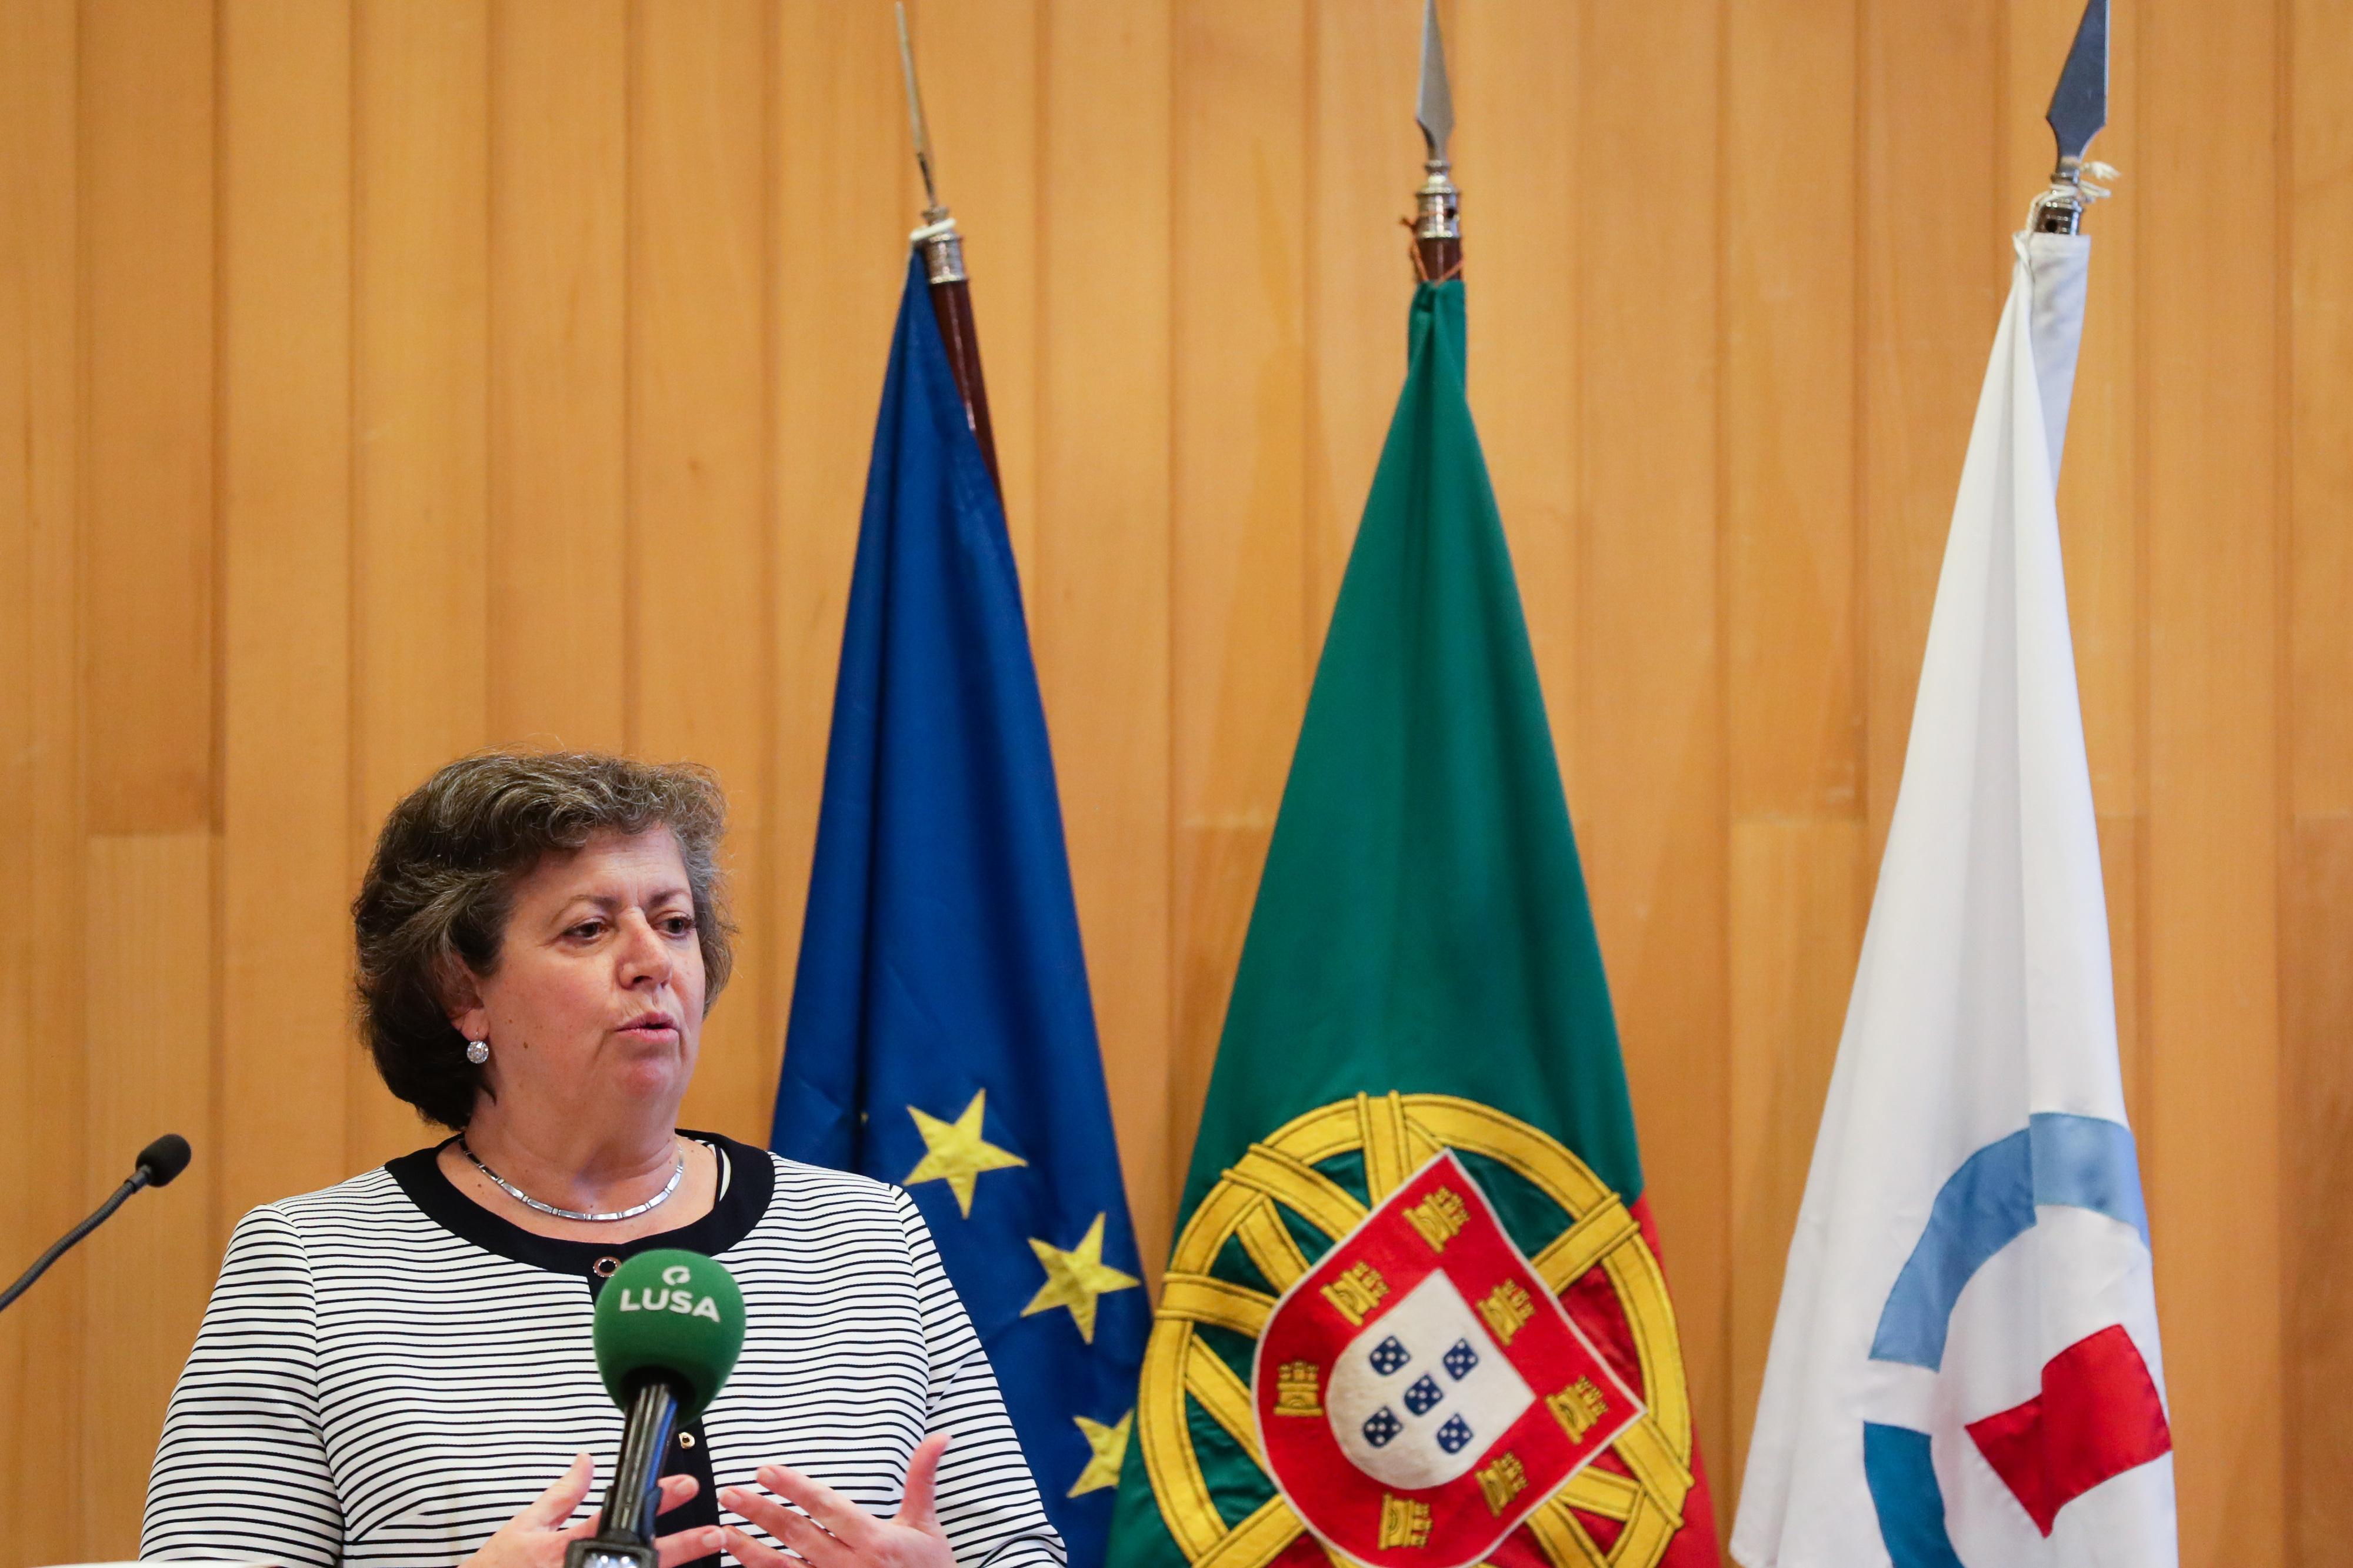 Terminal de contentores de Alcântara em Lisboa vai ter investimento de 122 ME